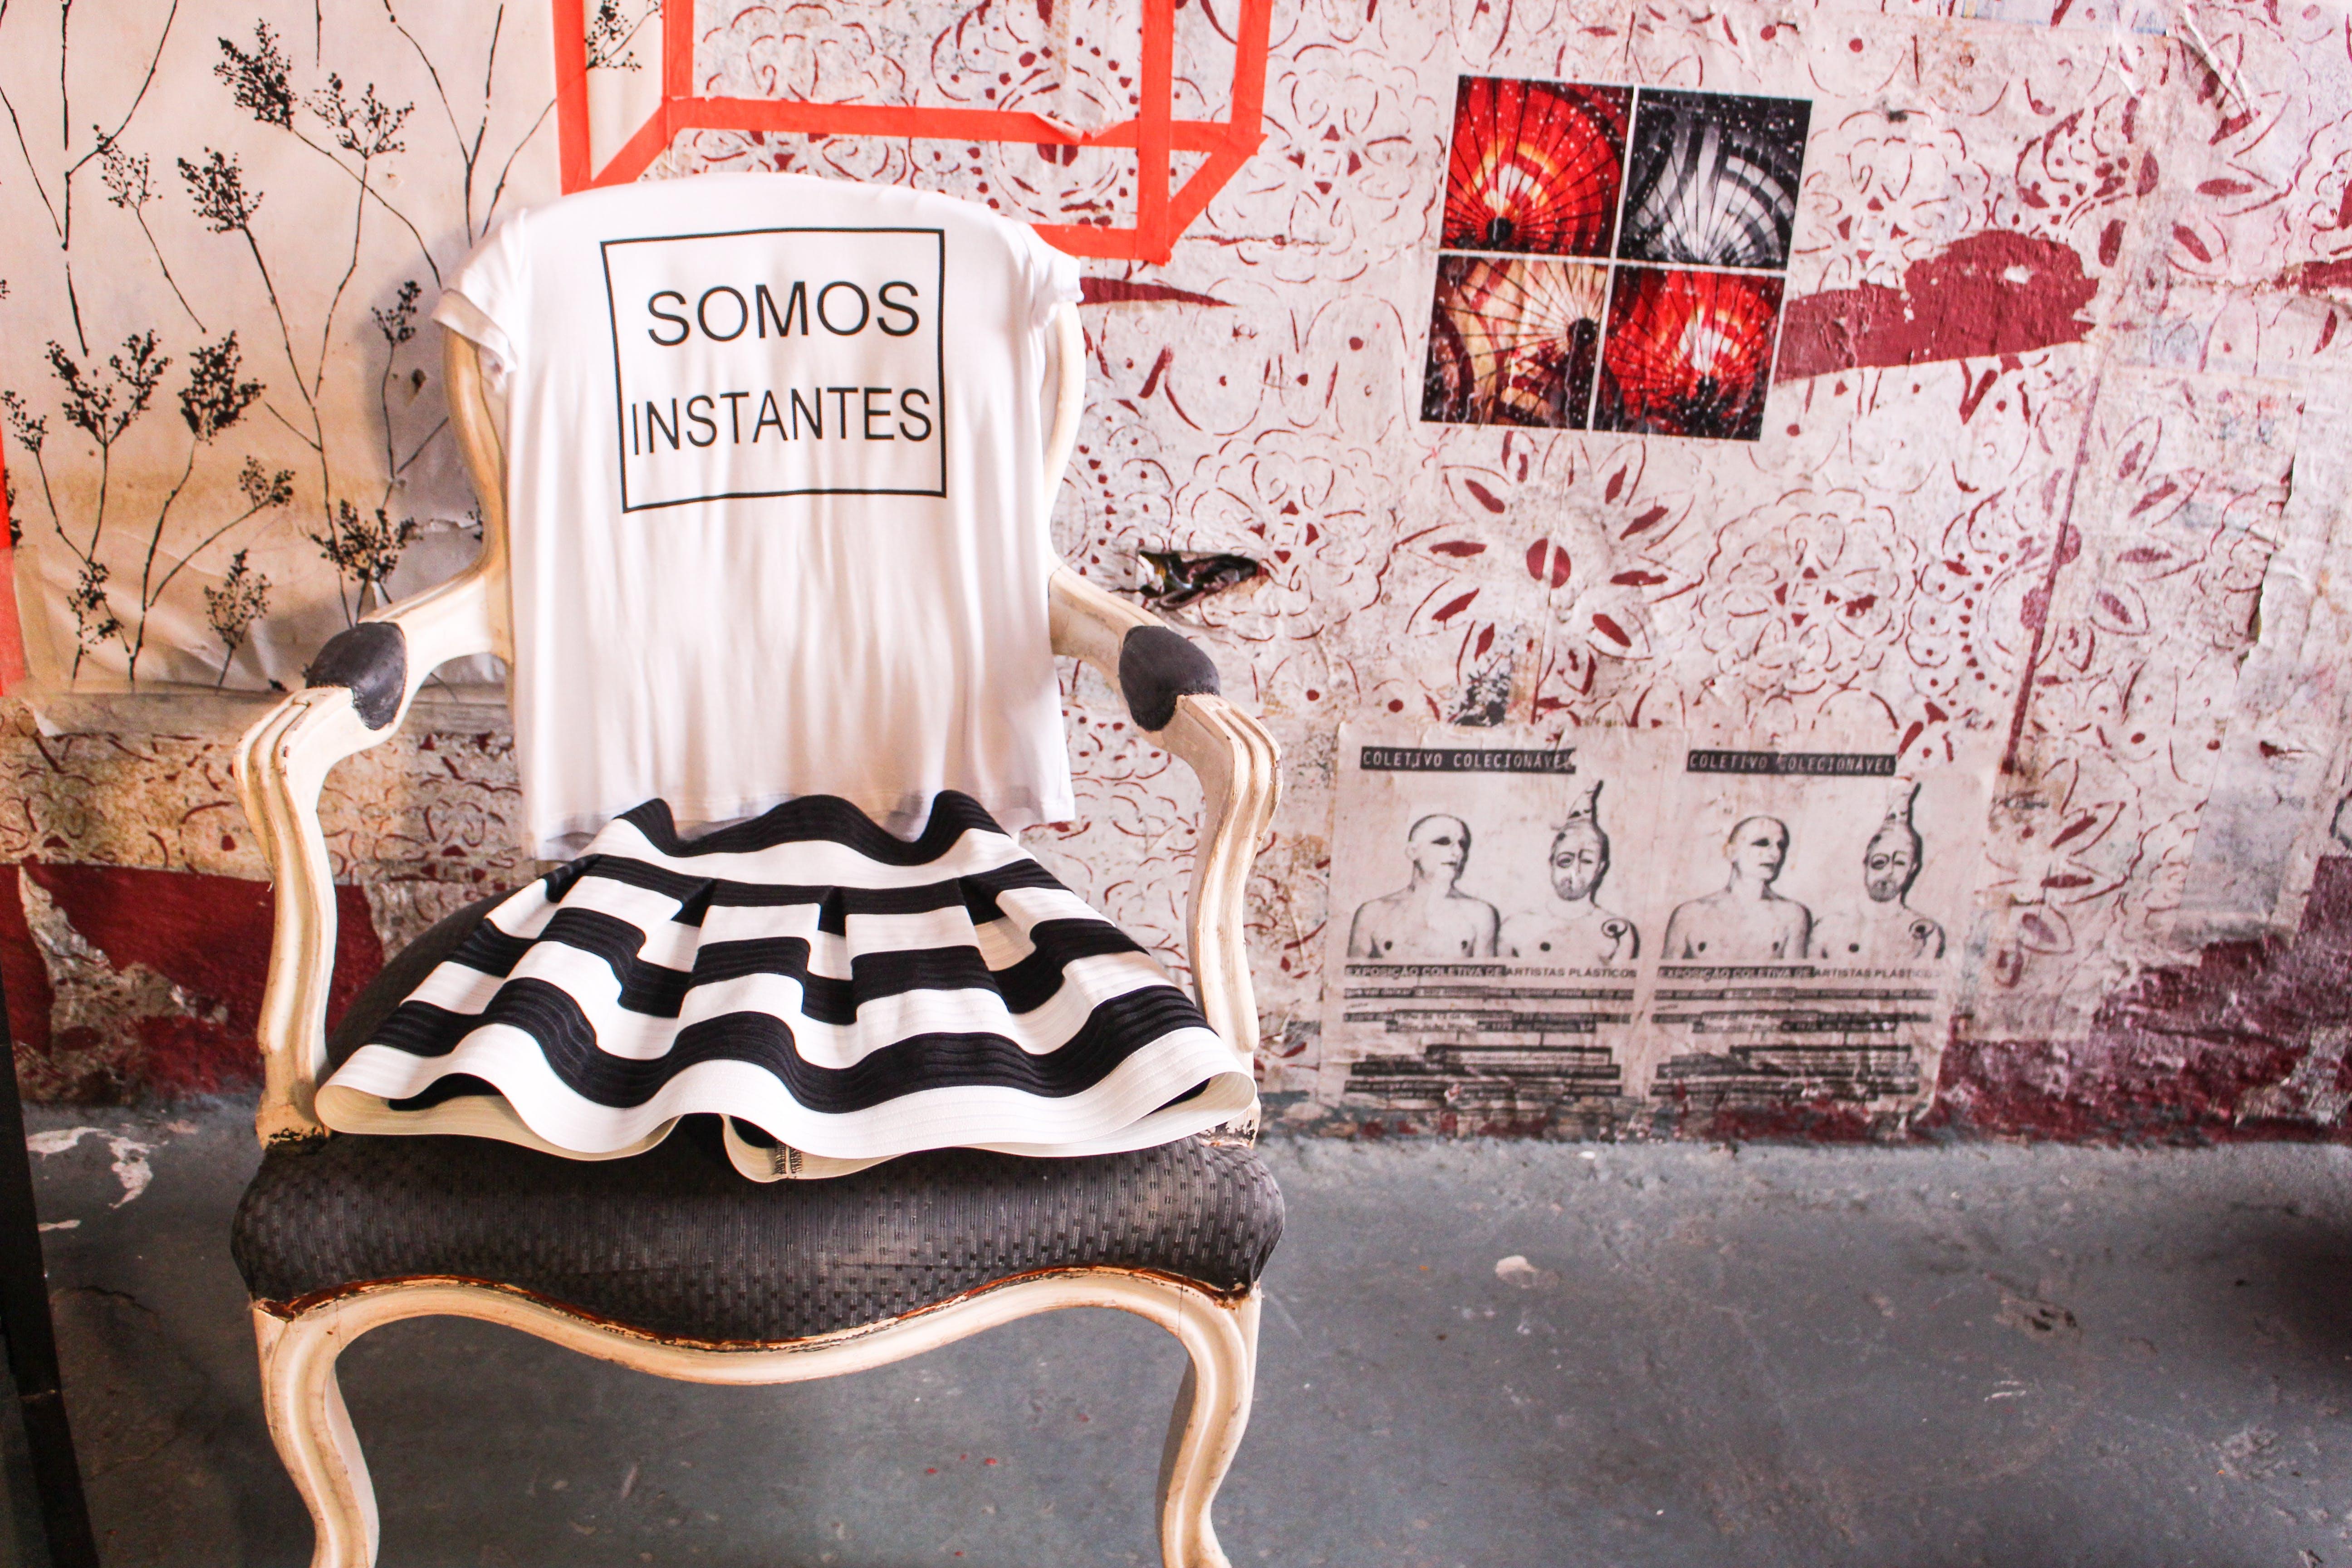 White T-shirt on Chair Near Wall